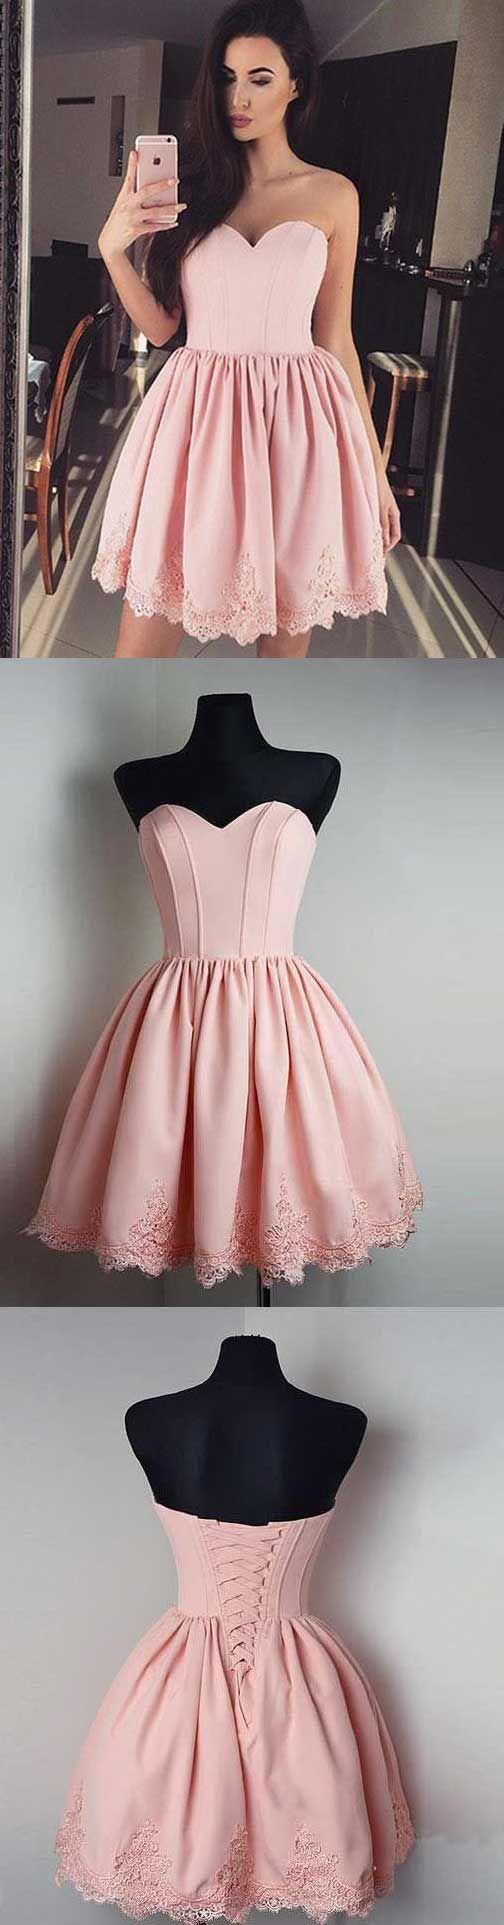 hong kong fashion pink graduation dresses short